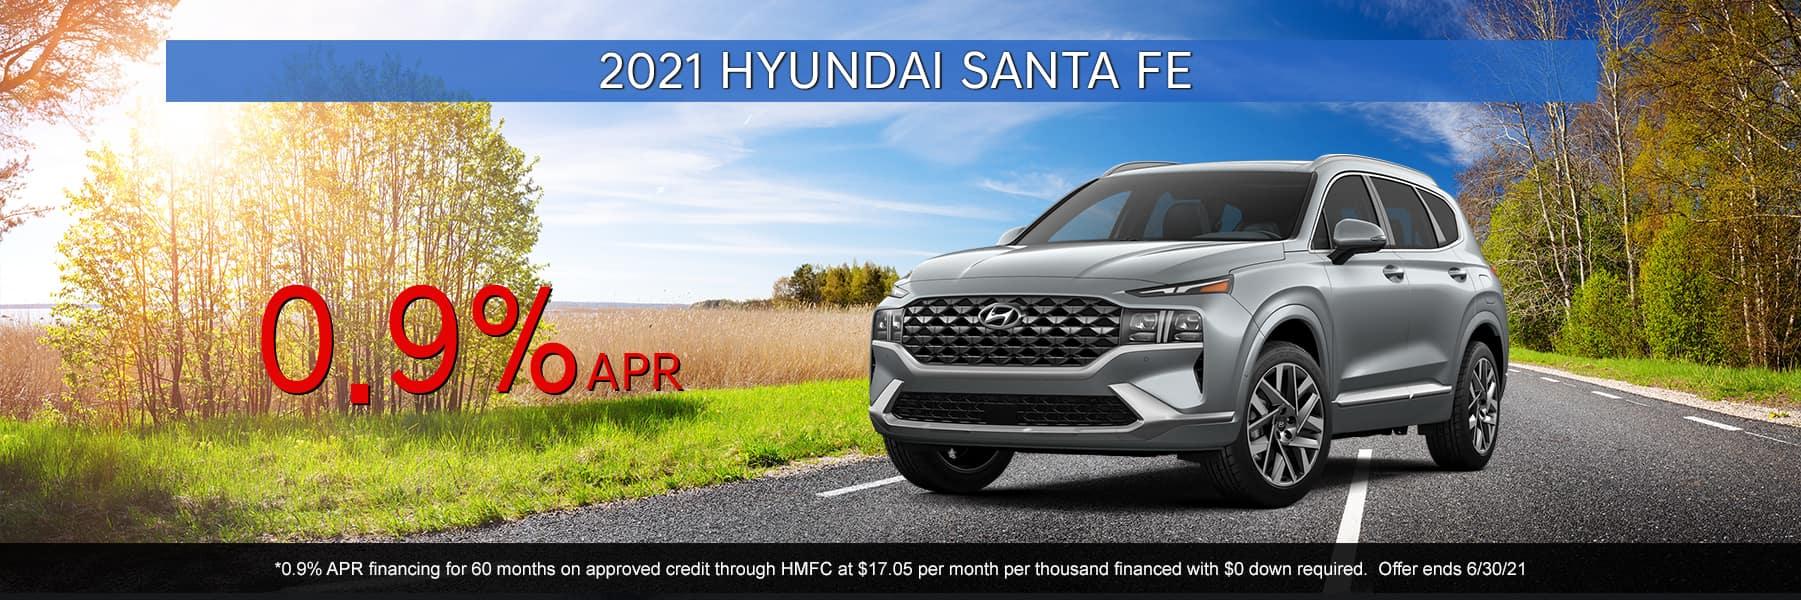 2021-Hyundai-Santa-Fe-Jun21